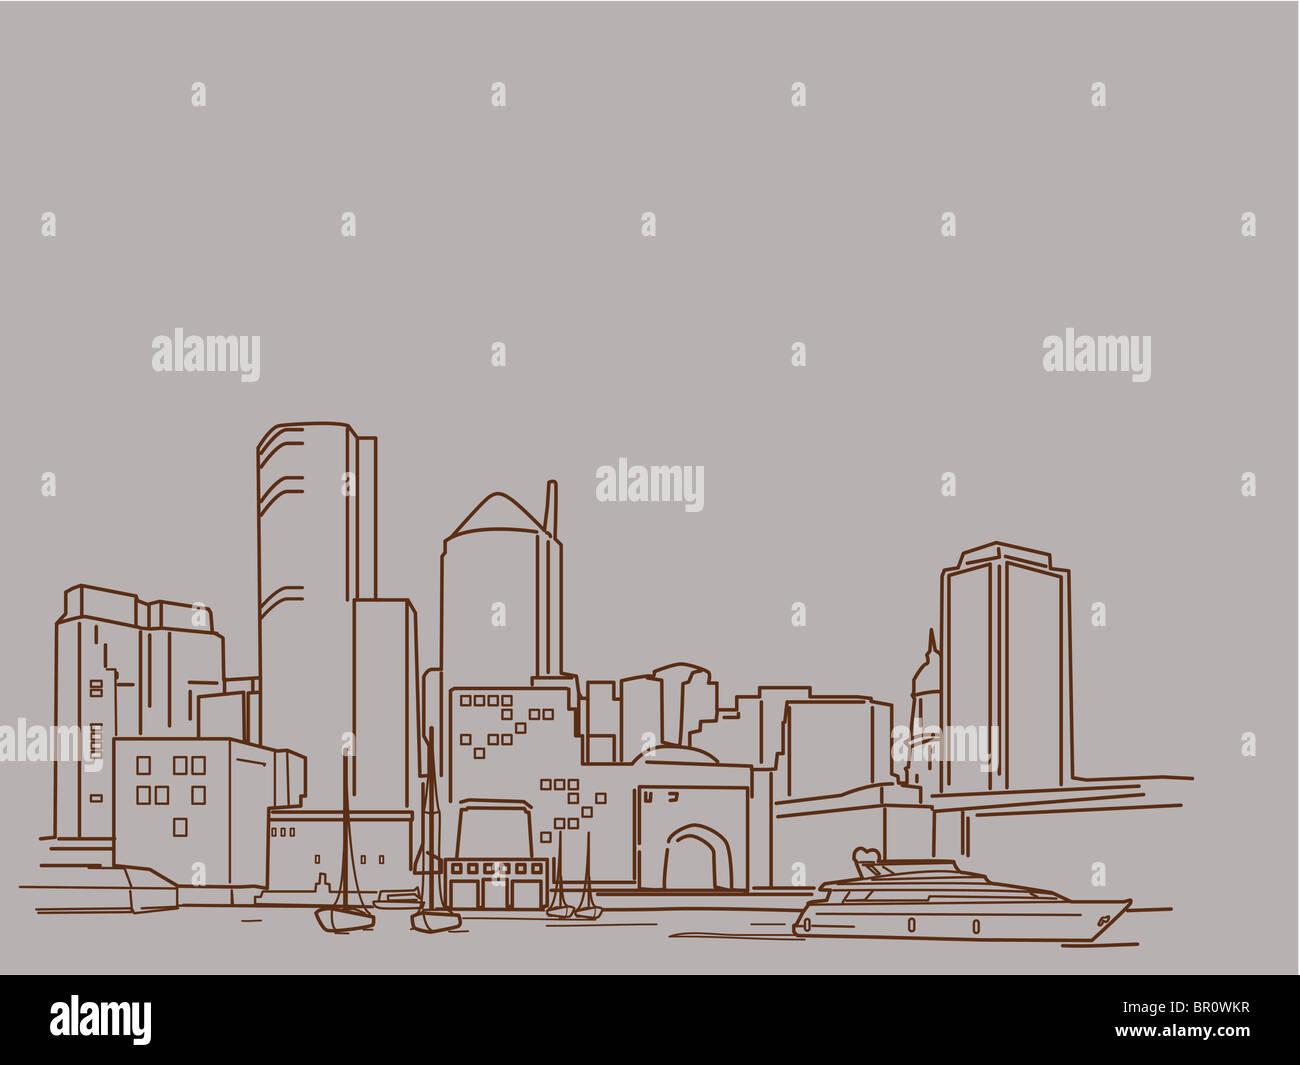 Zur Veranschaulichung der Stadthafen Stockfoto